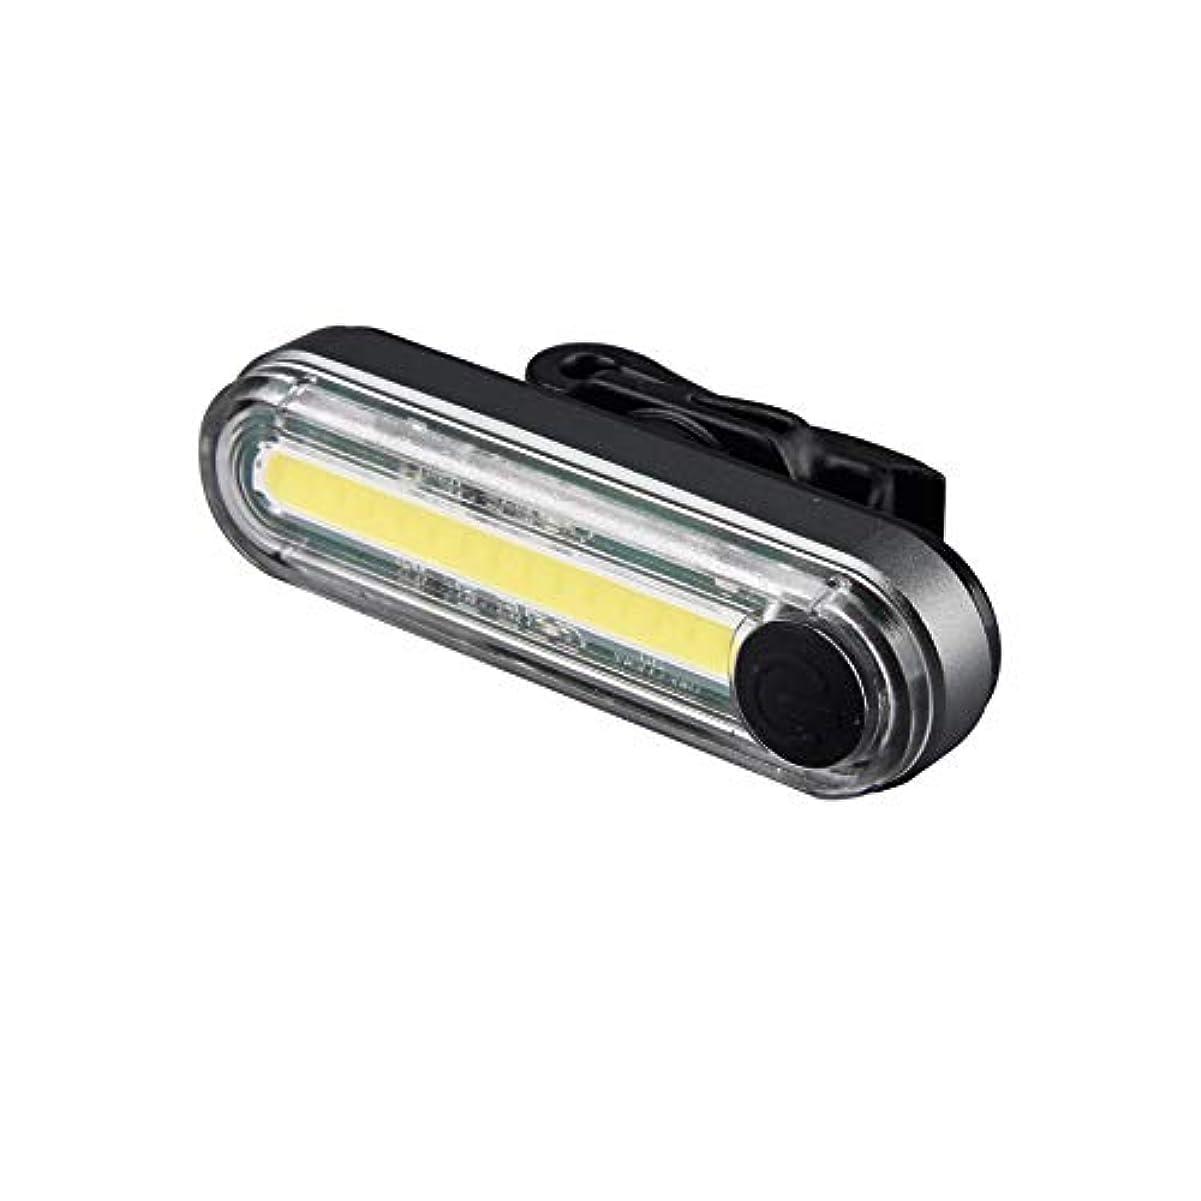 吸収剤国際ブレーキ自転車 テールライト USB充電式 LED 防水 セーフティライト 6点モード いライト 簡単装着